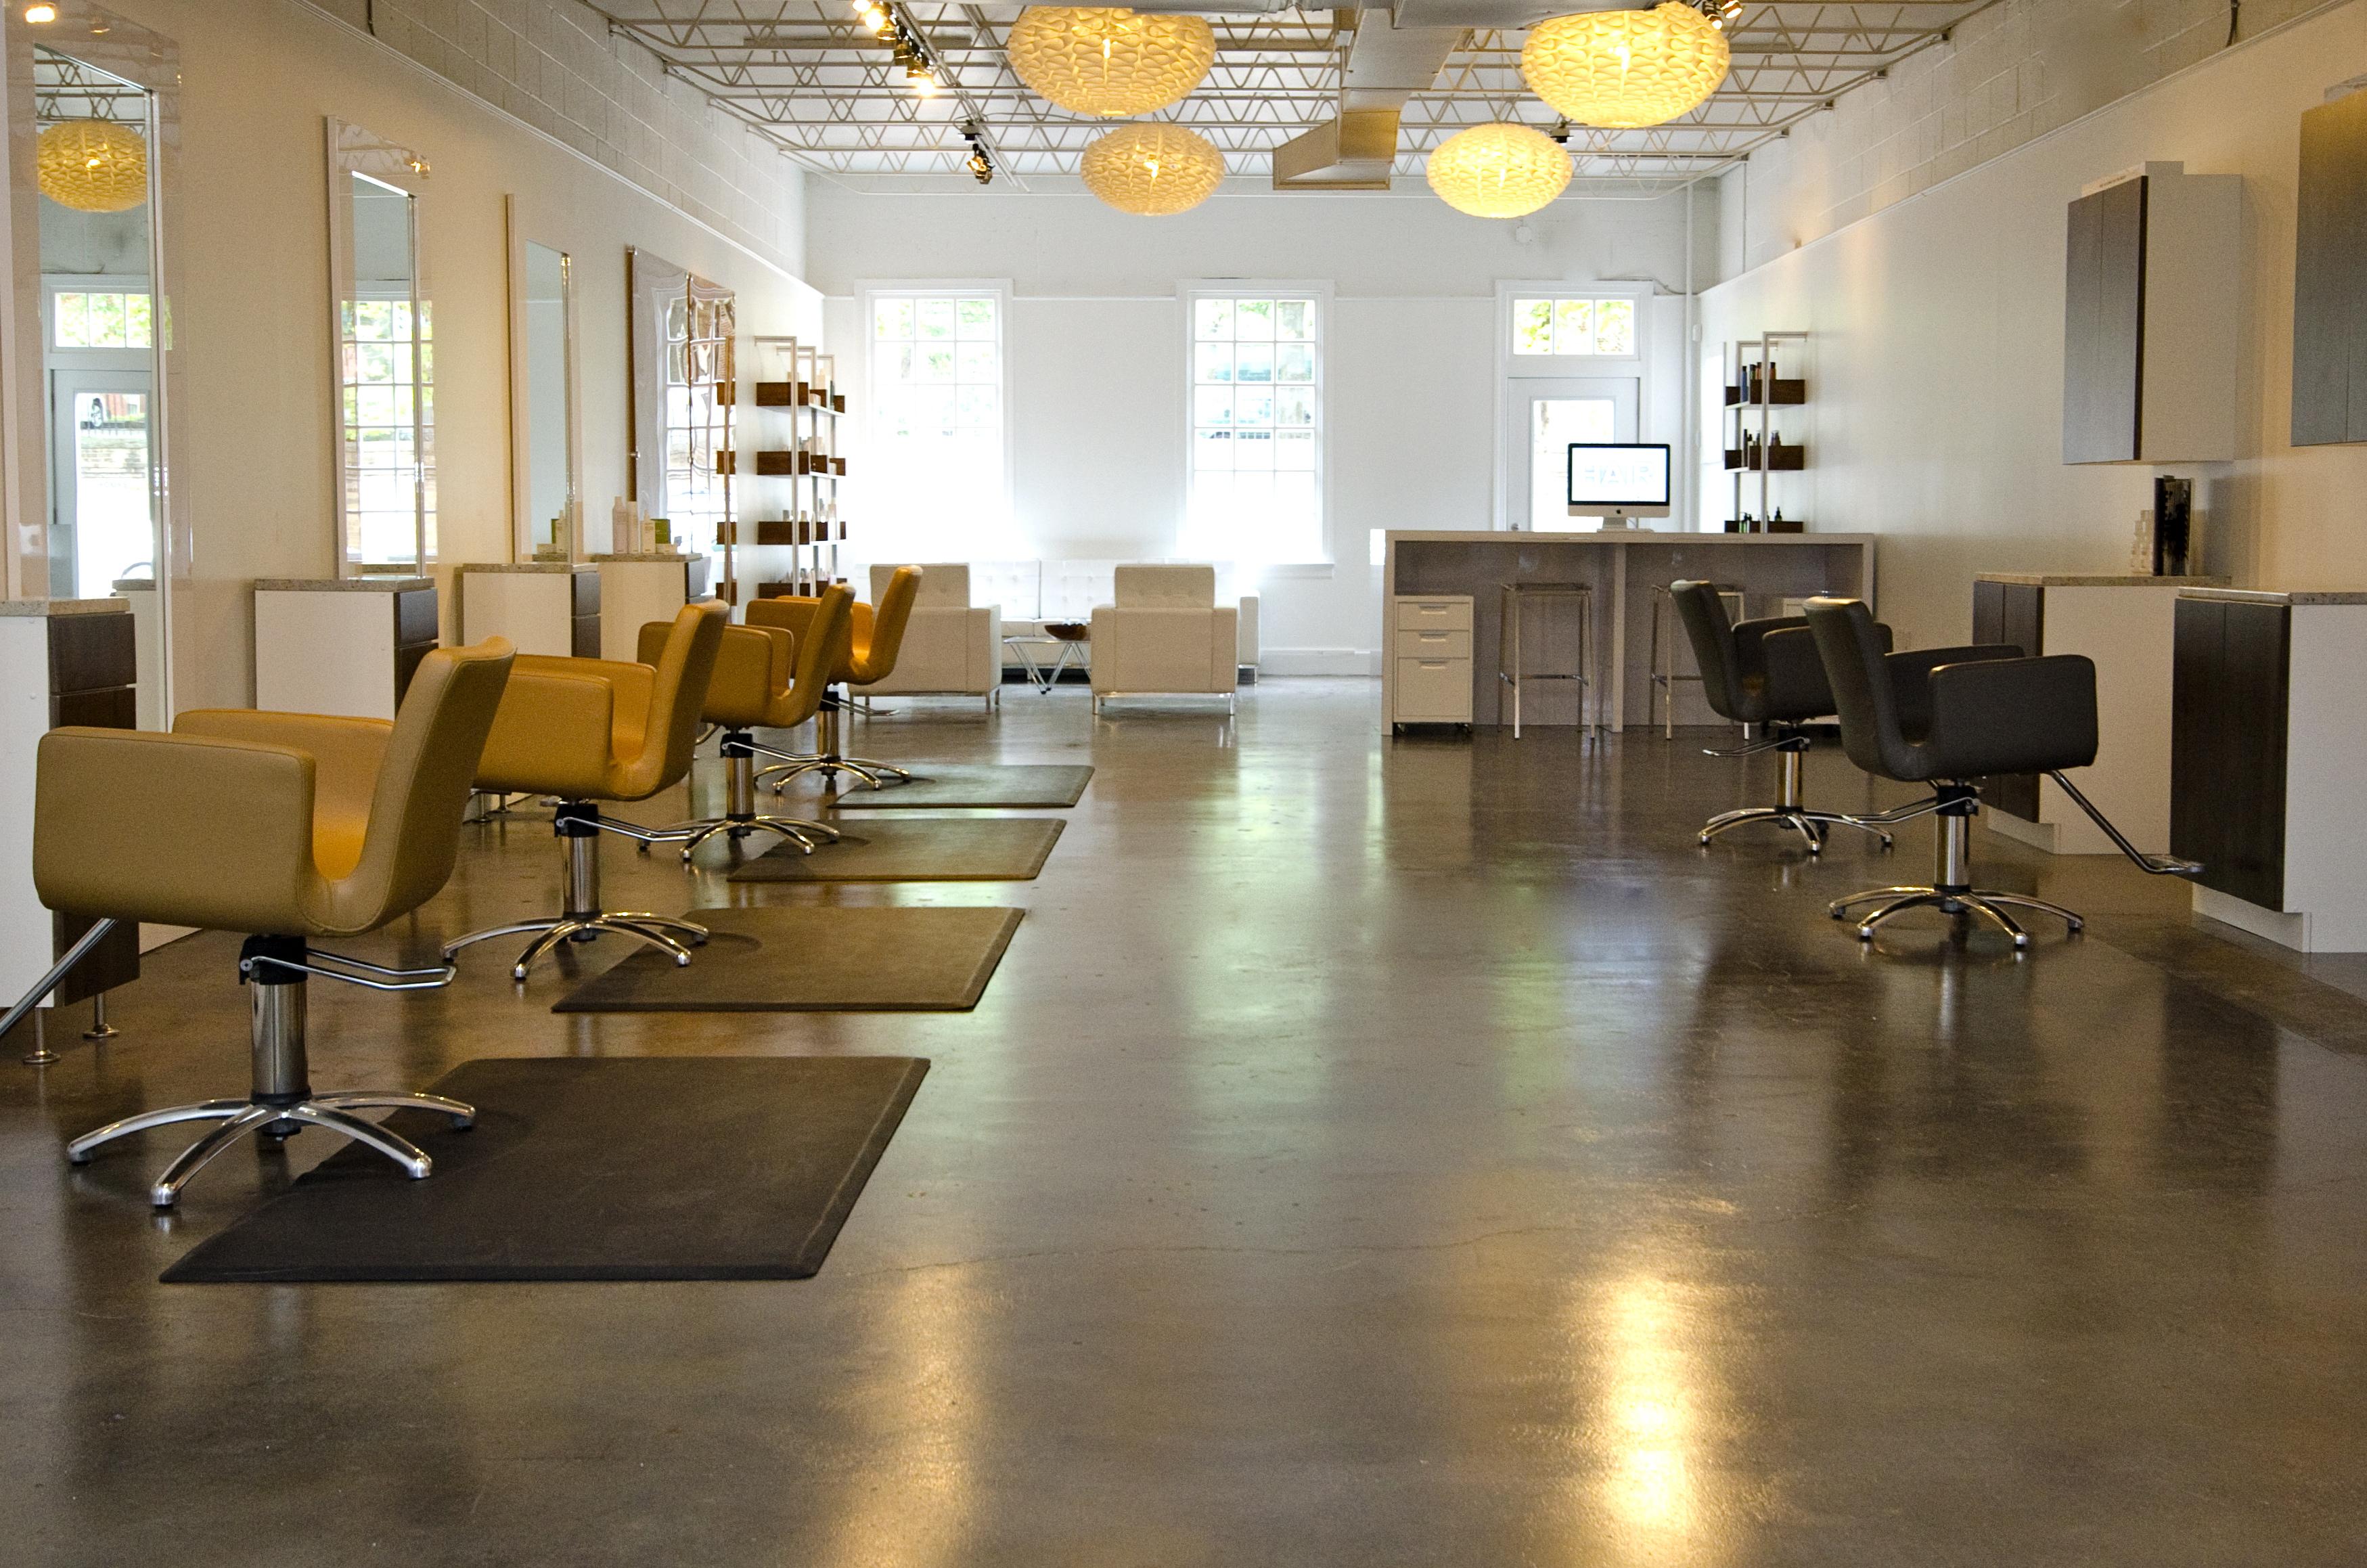 Salon overview.